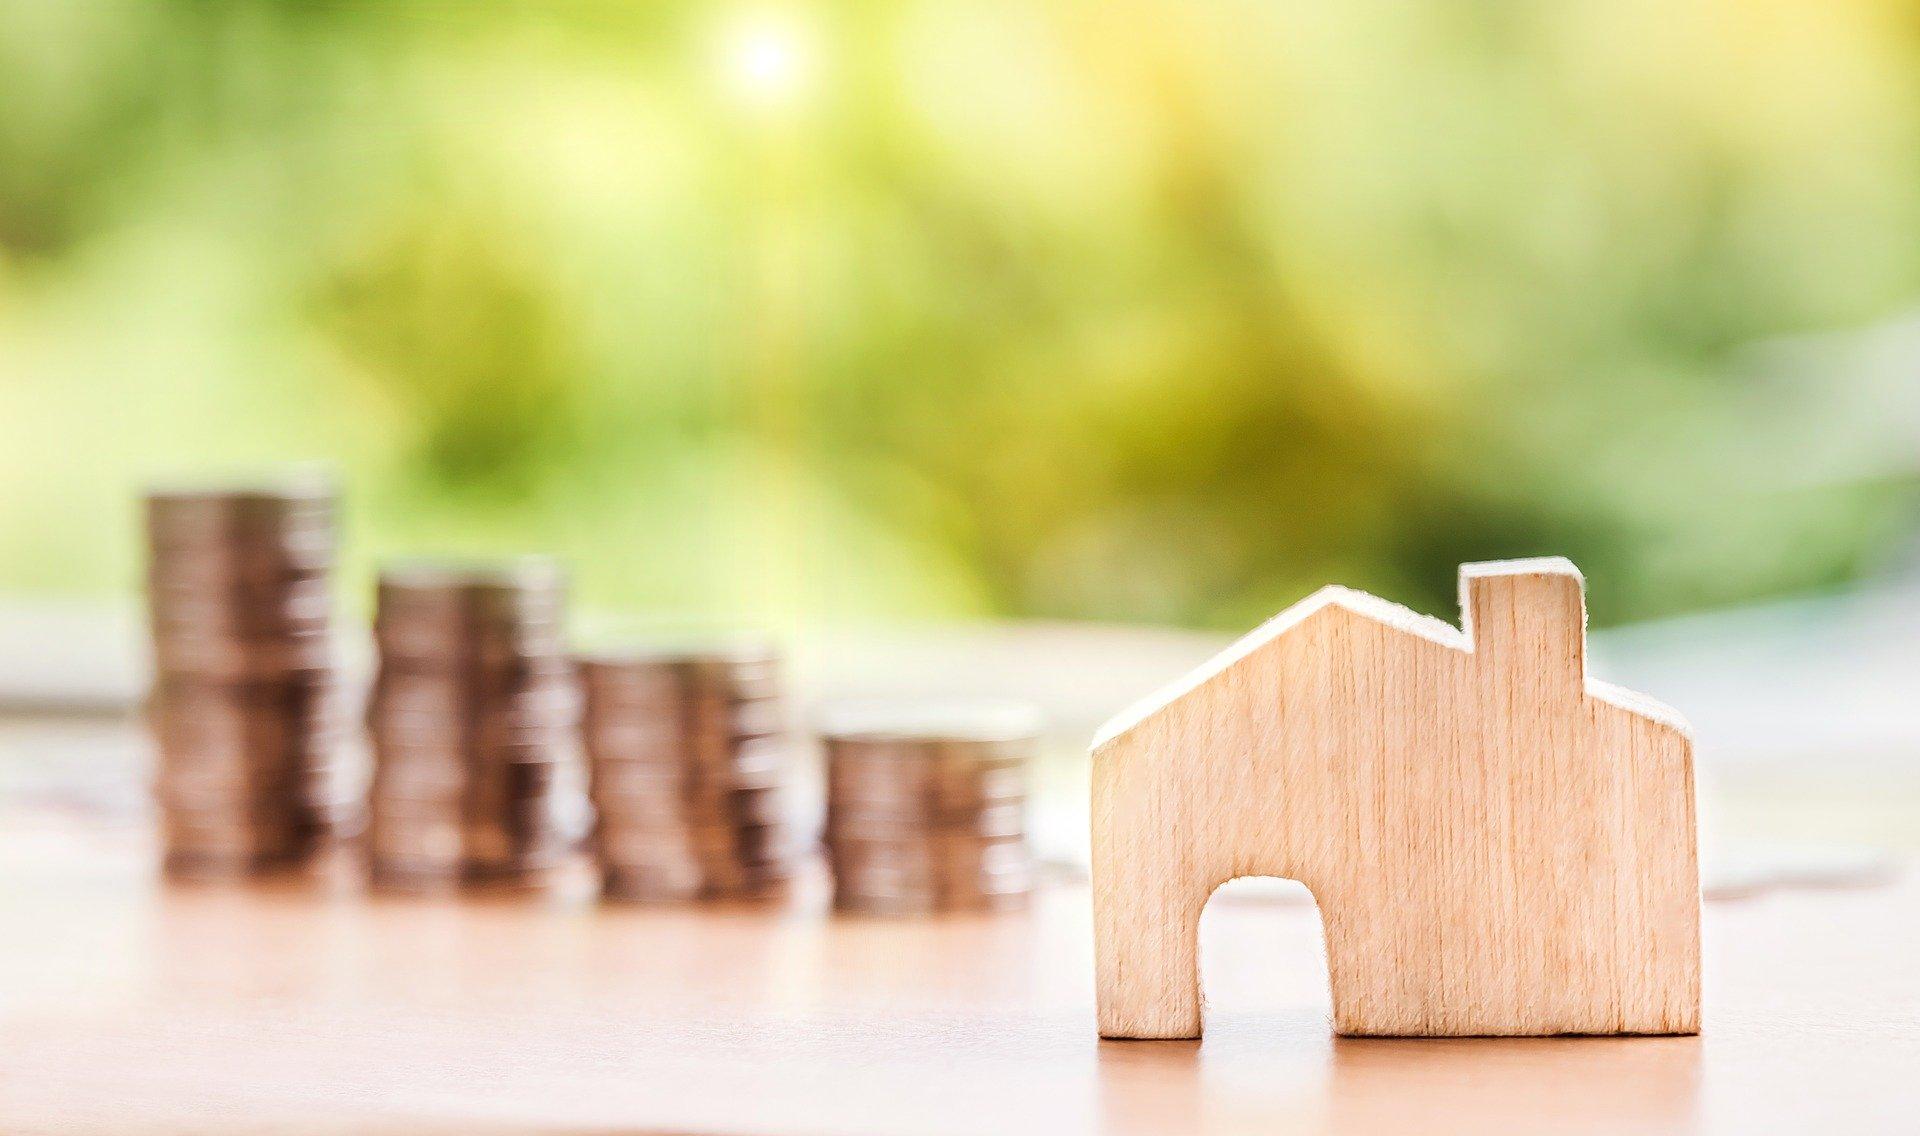 ahorro compra vivienda casa inversión dinero